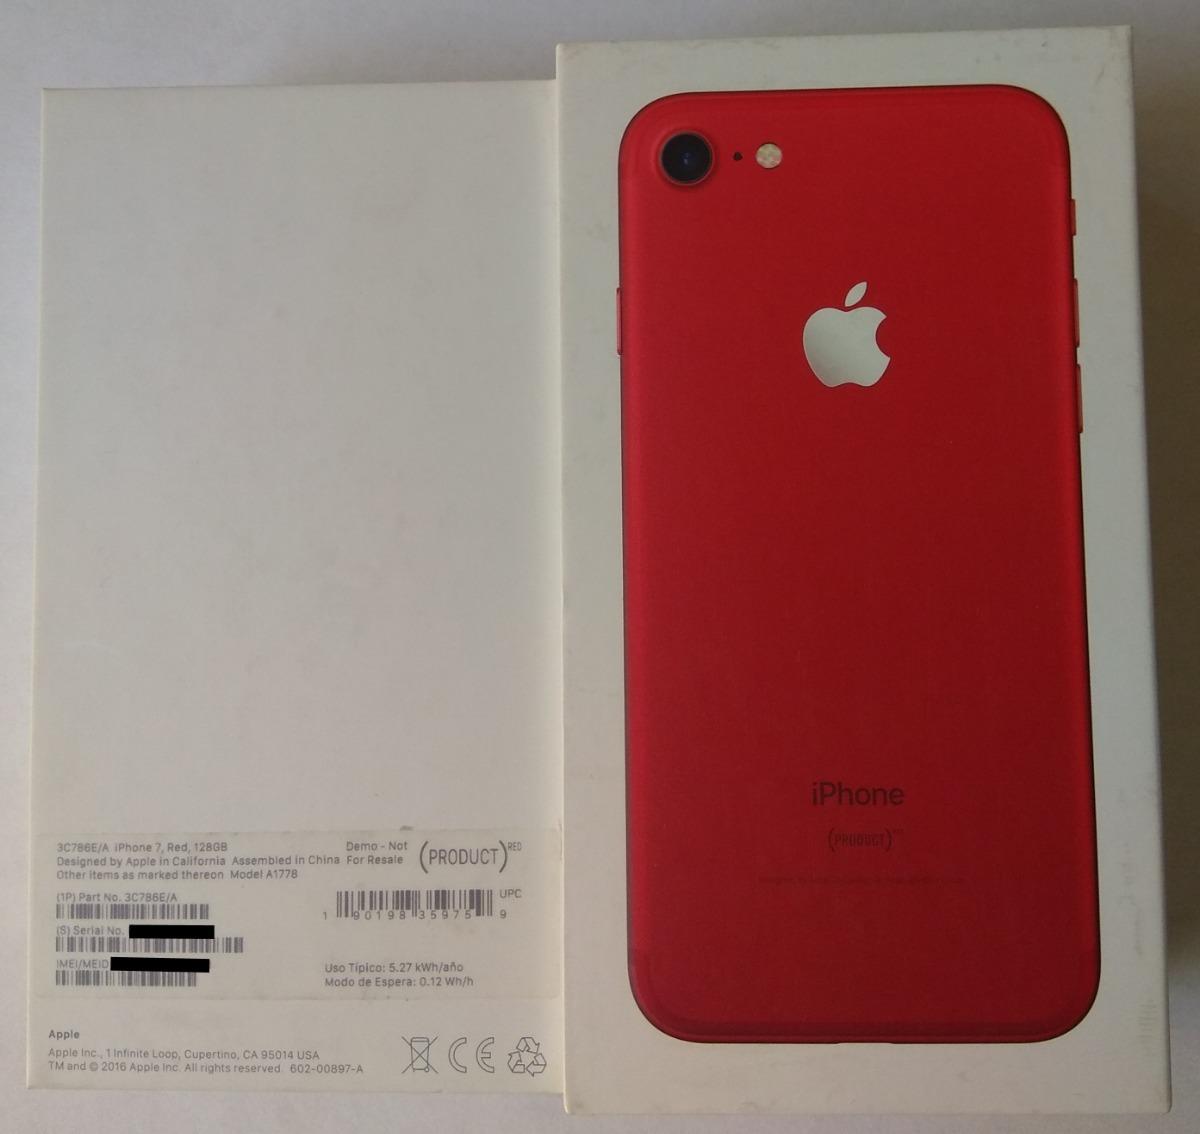 Caja Iphone 7 128 Gb Red Con Accesorios Nuevos Originales 79900 Apple Edition Cargando Zoom